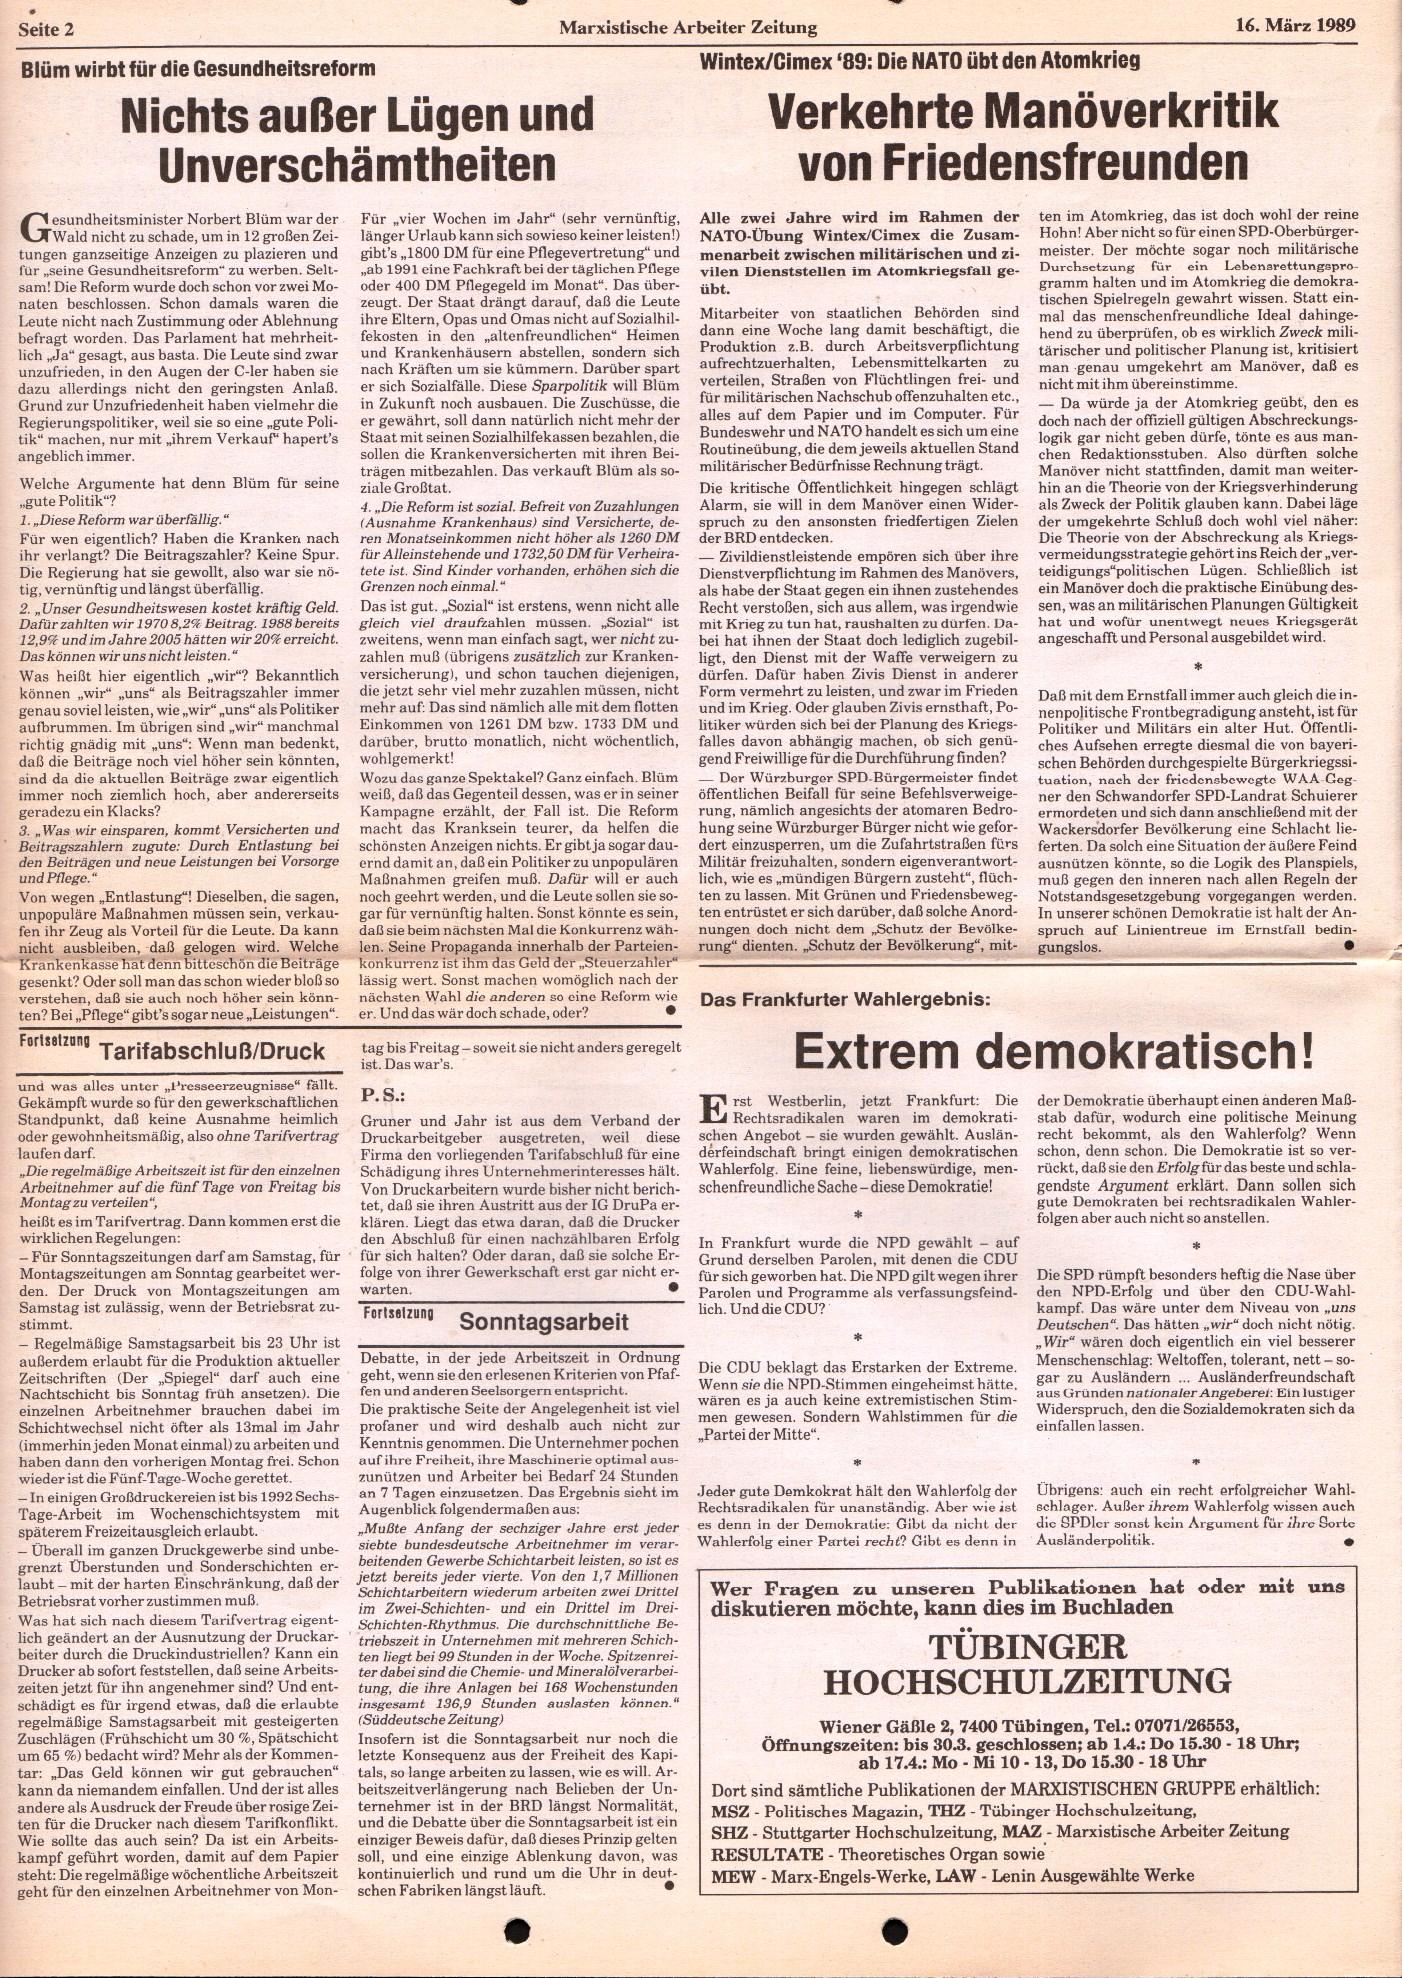 BW_MG_Marxistische_Arbeiterzeitung_19890316_02